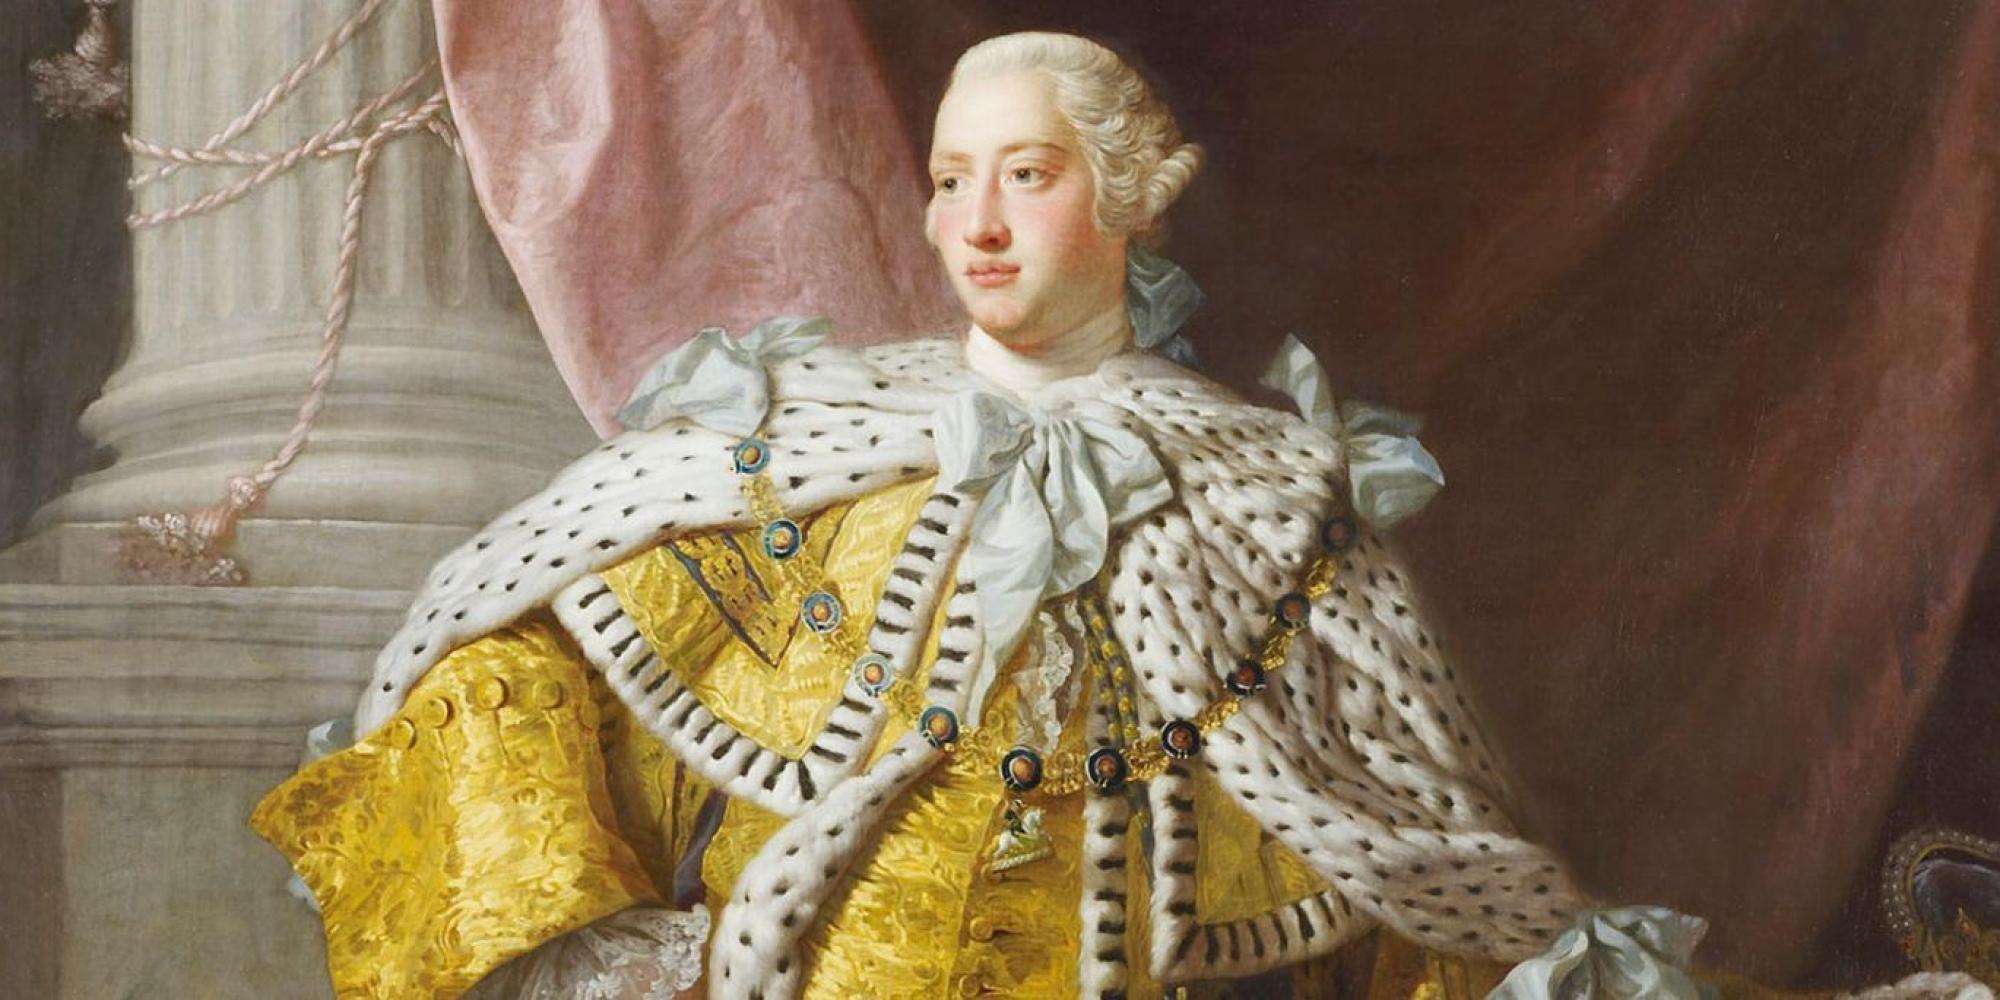 اكتشاف جديد قد يساهم في علاج مرض  مصاصي الدماء .. أصيب به الملك جورج الثالث المجنون